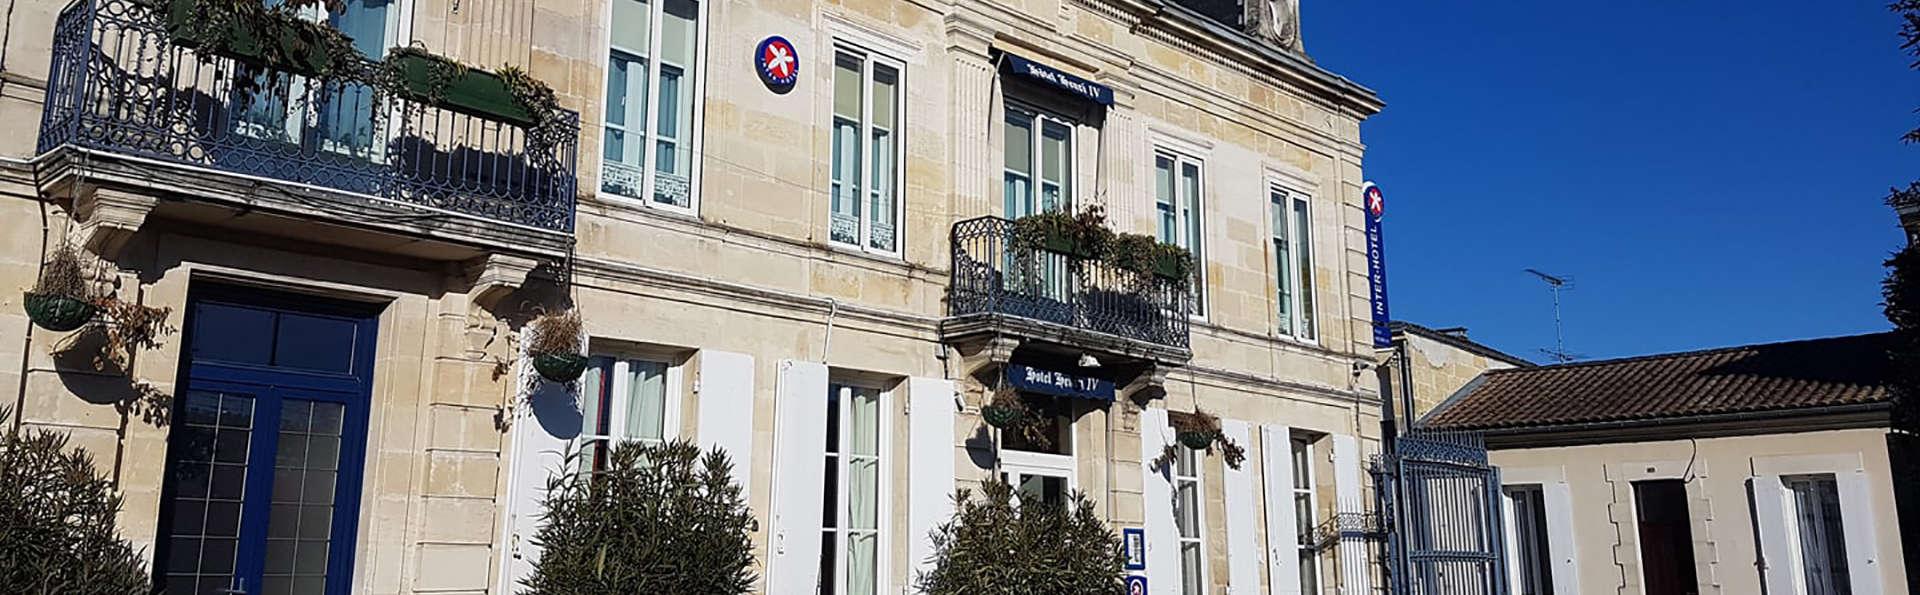 The Originals Boutique, Hôtel Henri IV, Libourne Nord (Inter-Hotel) - Edit_Front2.jpg